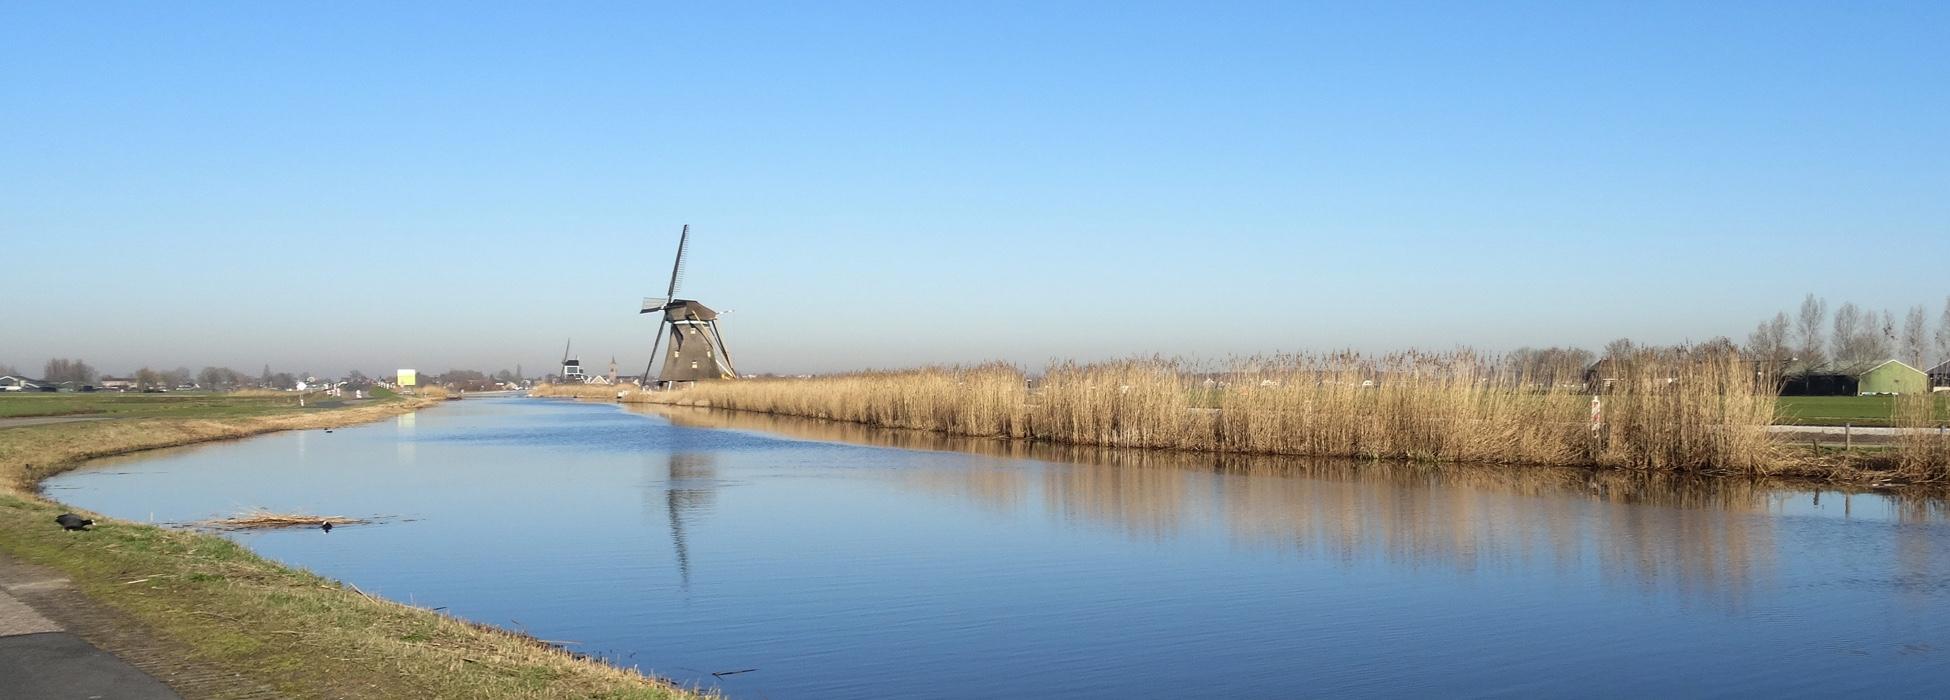 De ammerse boezem met hollandse molen in de Alblasserwaard